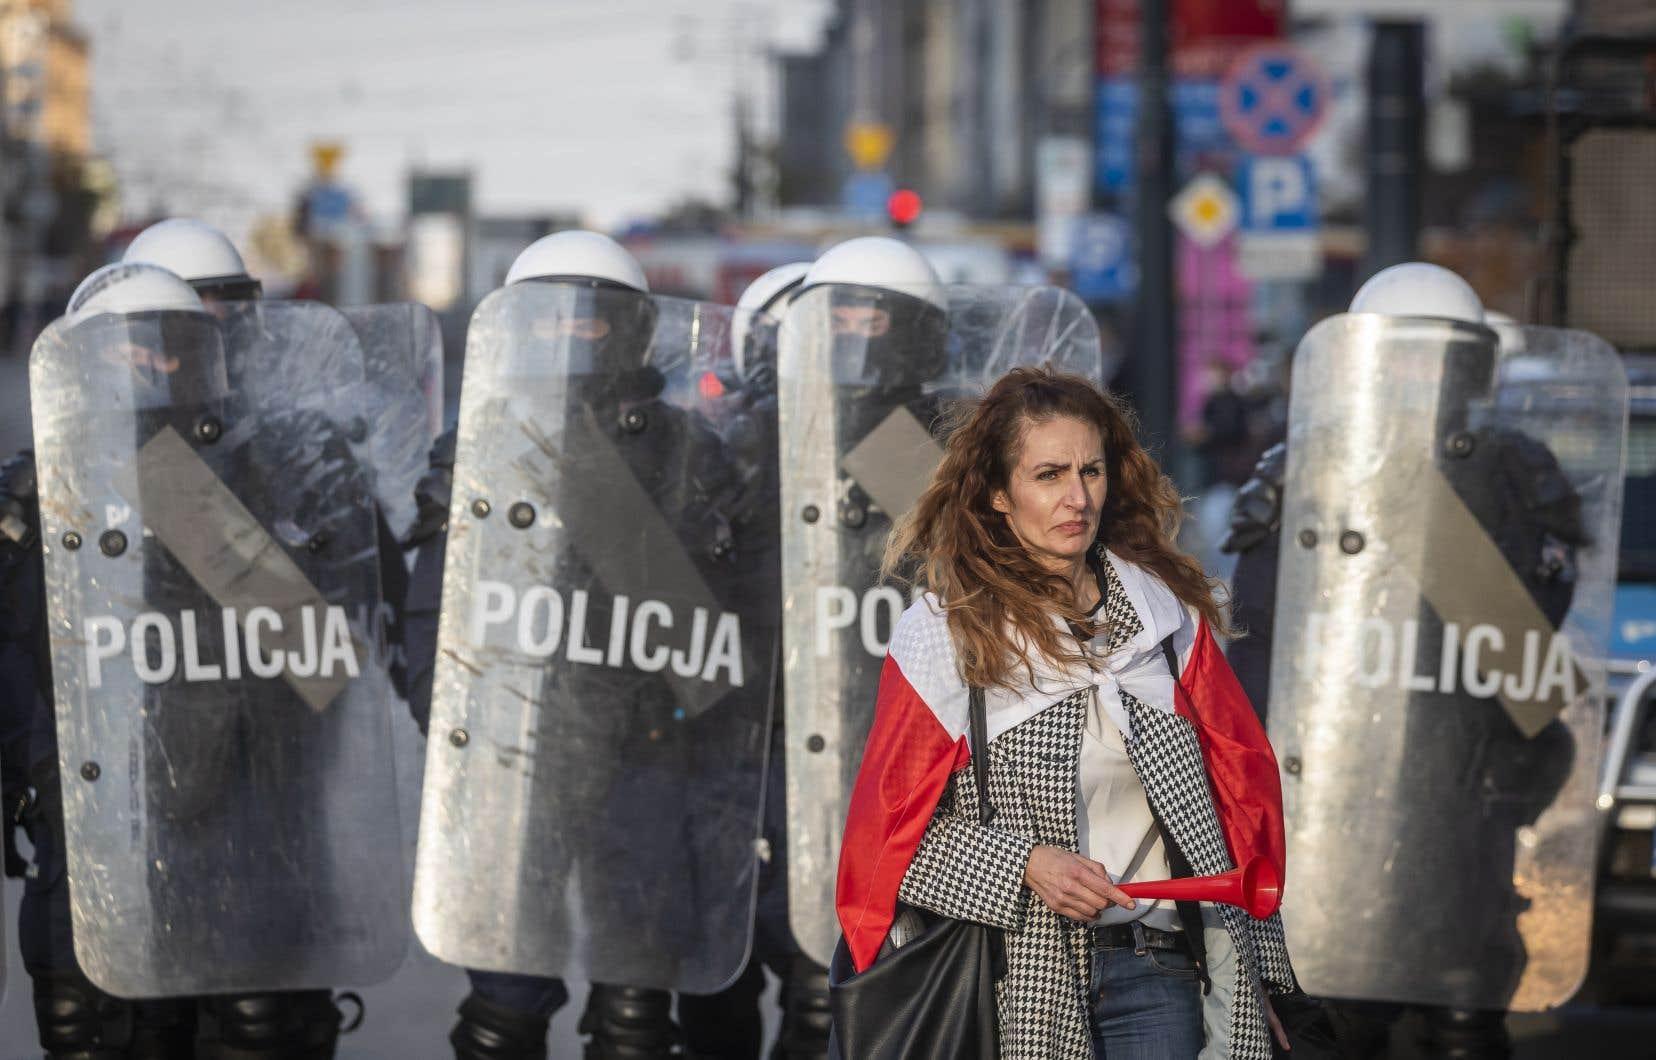 La police était présente en nombre à Varsovie, où des heurts entre manifestants et forces de l'ordre ont été observés.